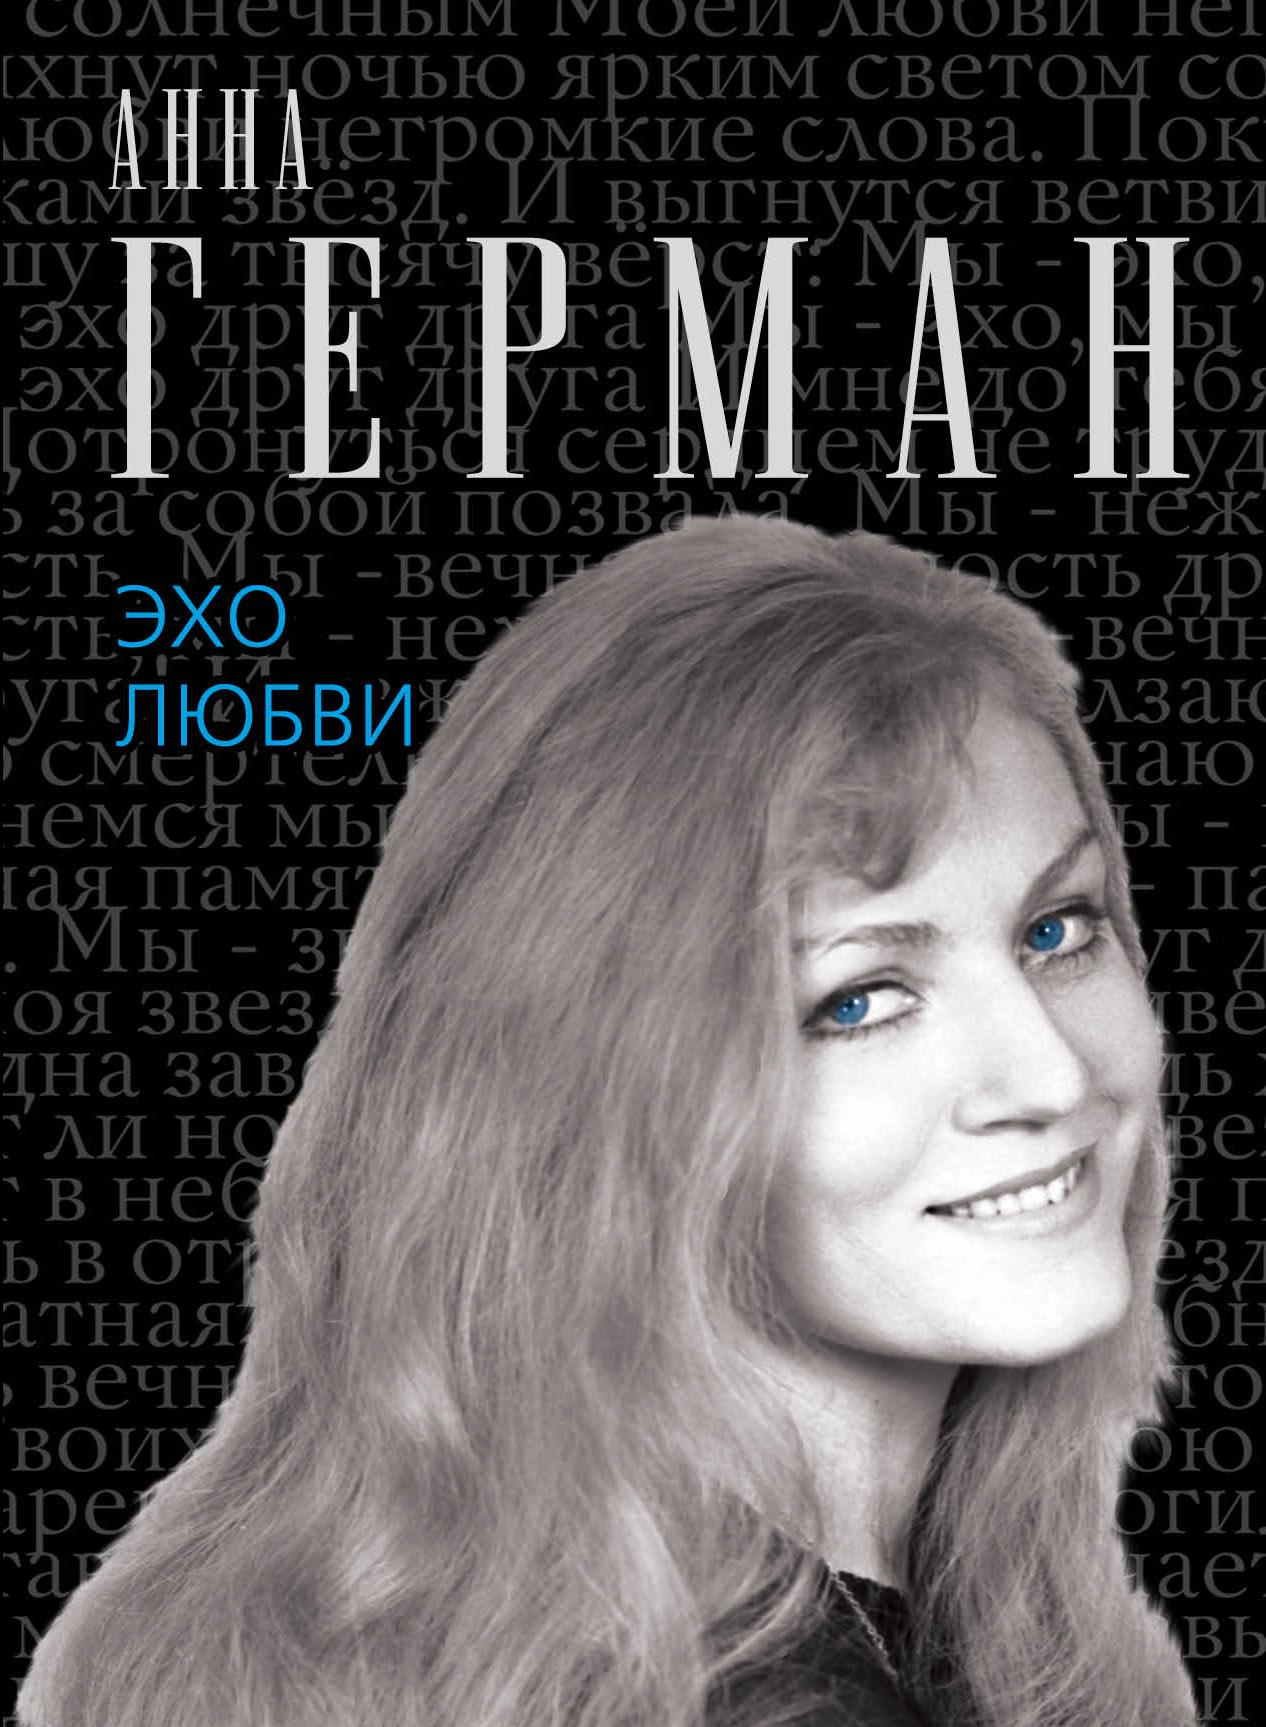 Герман А. Эхо любви